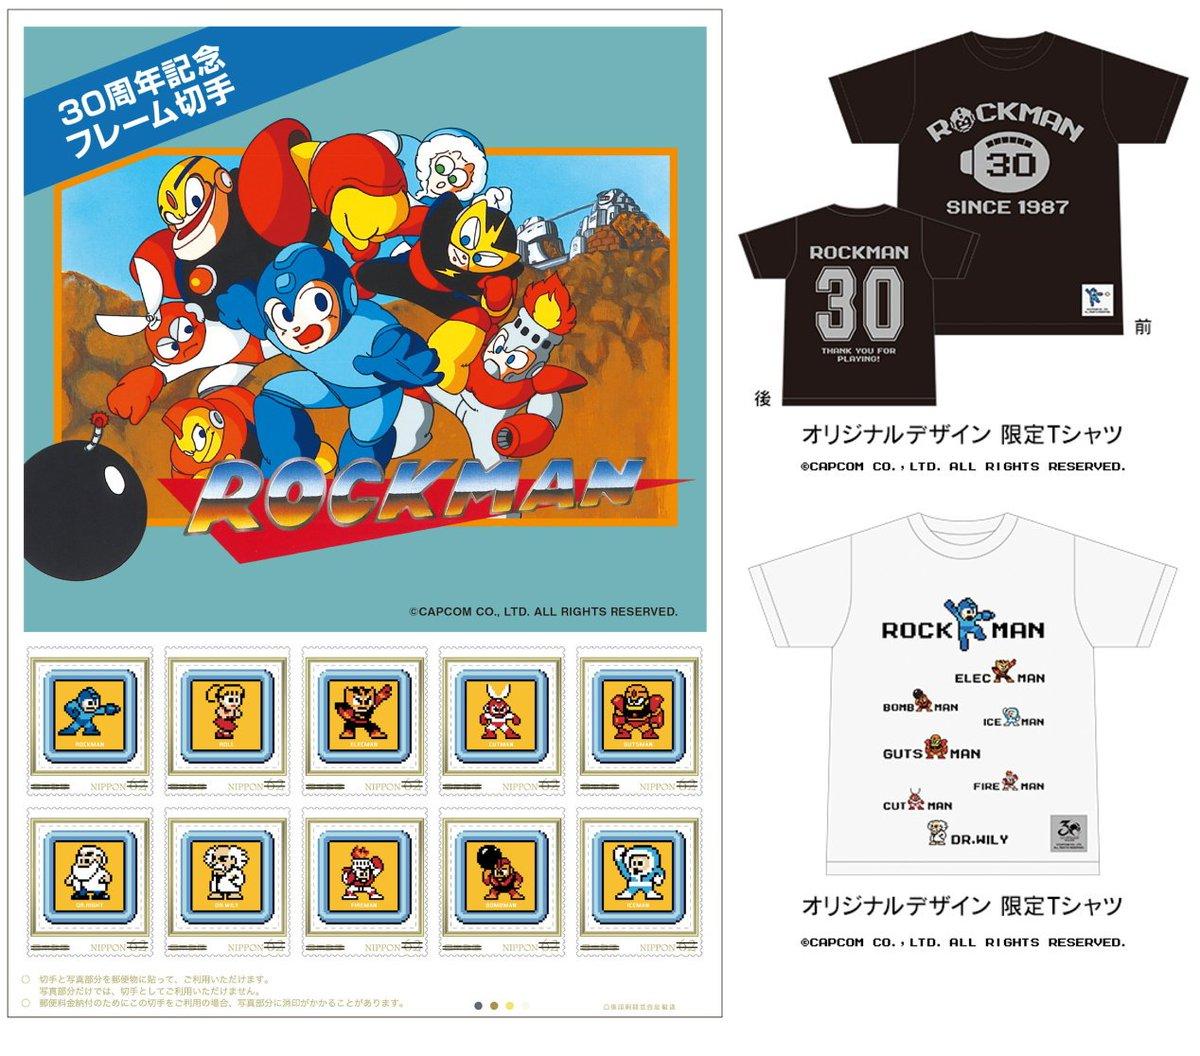 「ロックマン」30周年記念フレーム切手セット(完全限定生産オリジナルデザインTシャツ1枚付き/色(黒又は白)・サイズ( M又はL)を選択)が、11月20日(月)から郵便局ネットショップ限定商品として販売されます。